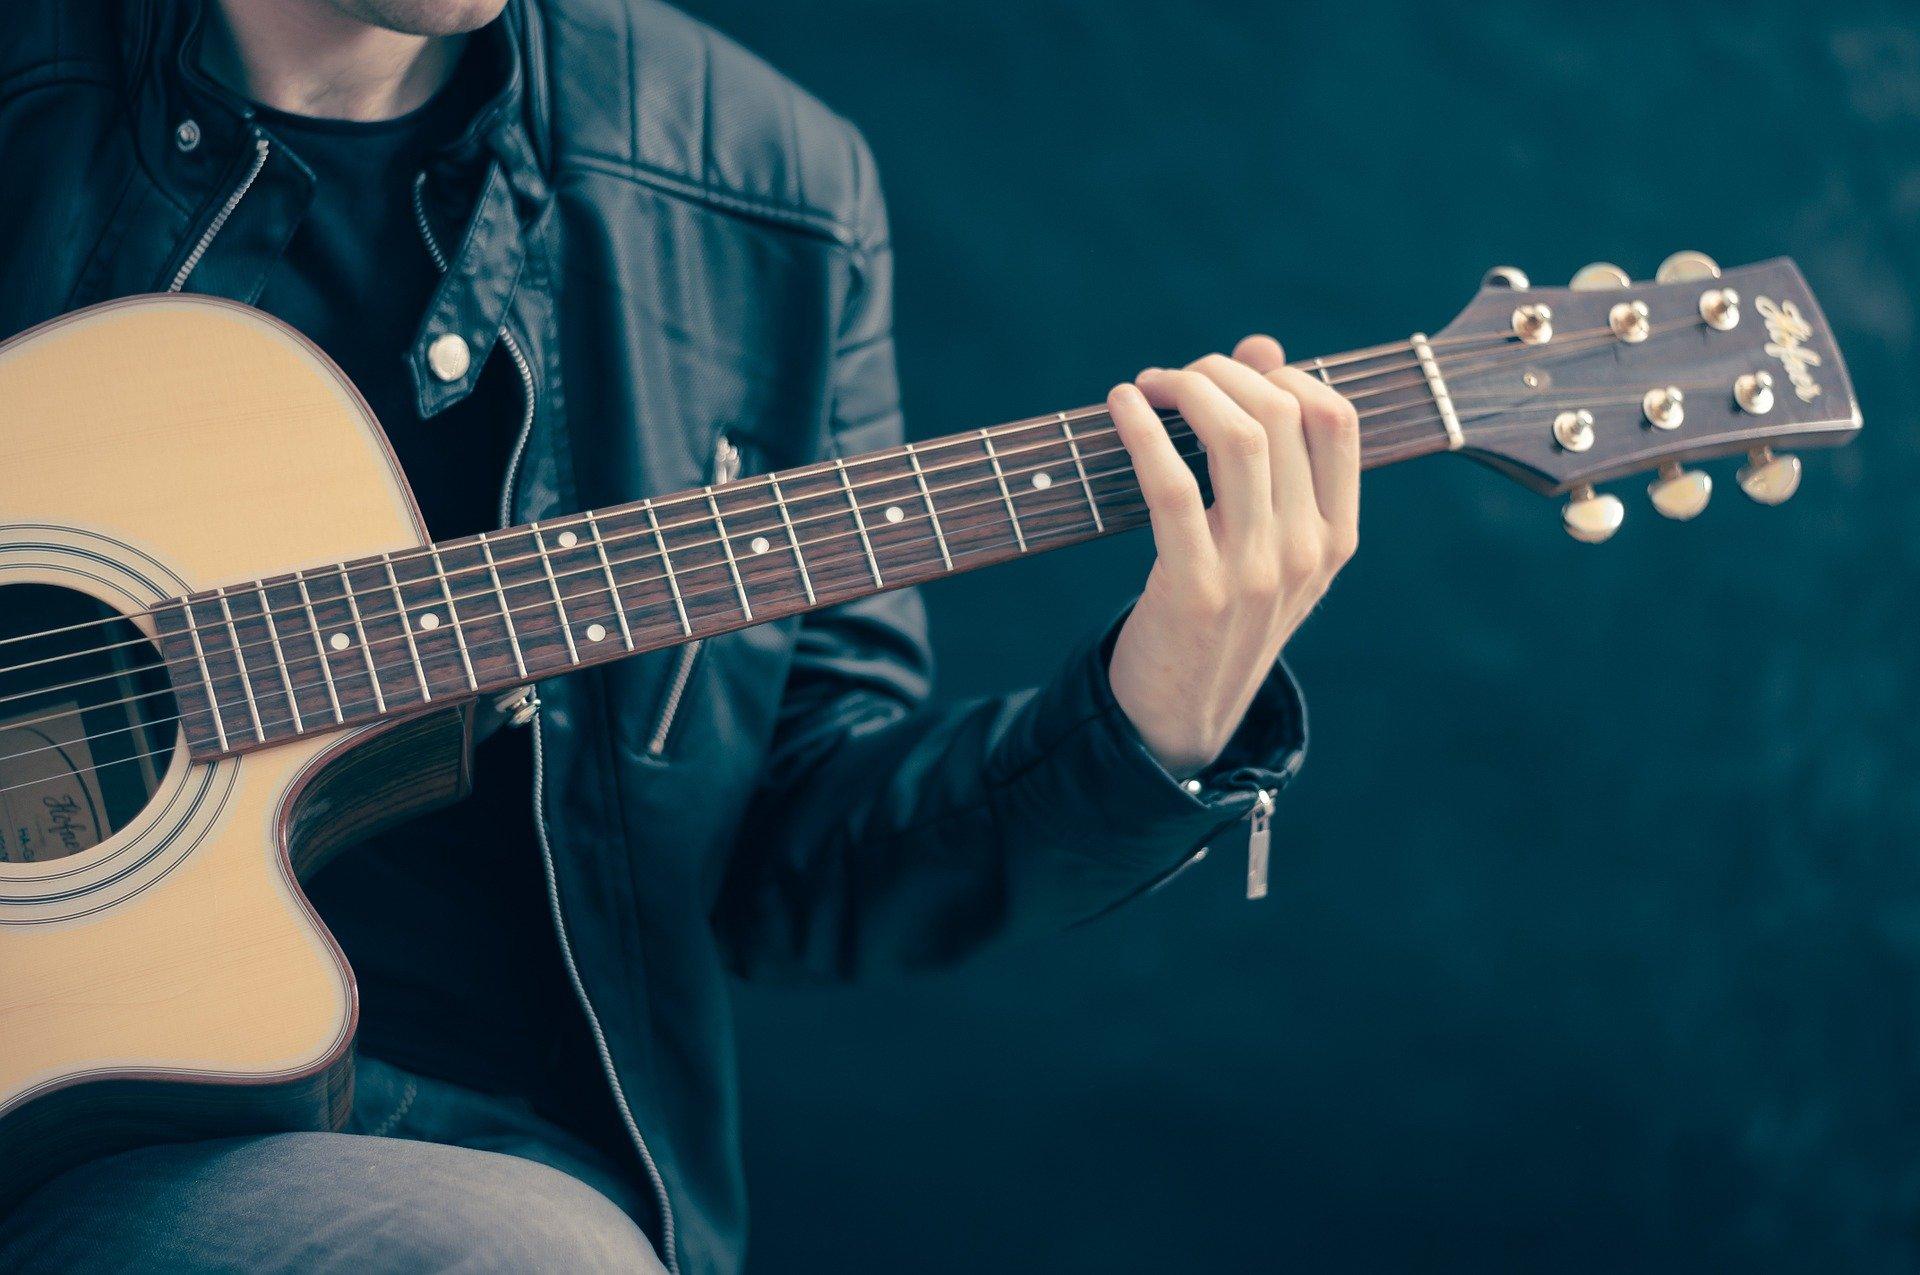 渡辺翔太,ピアノ,ギター